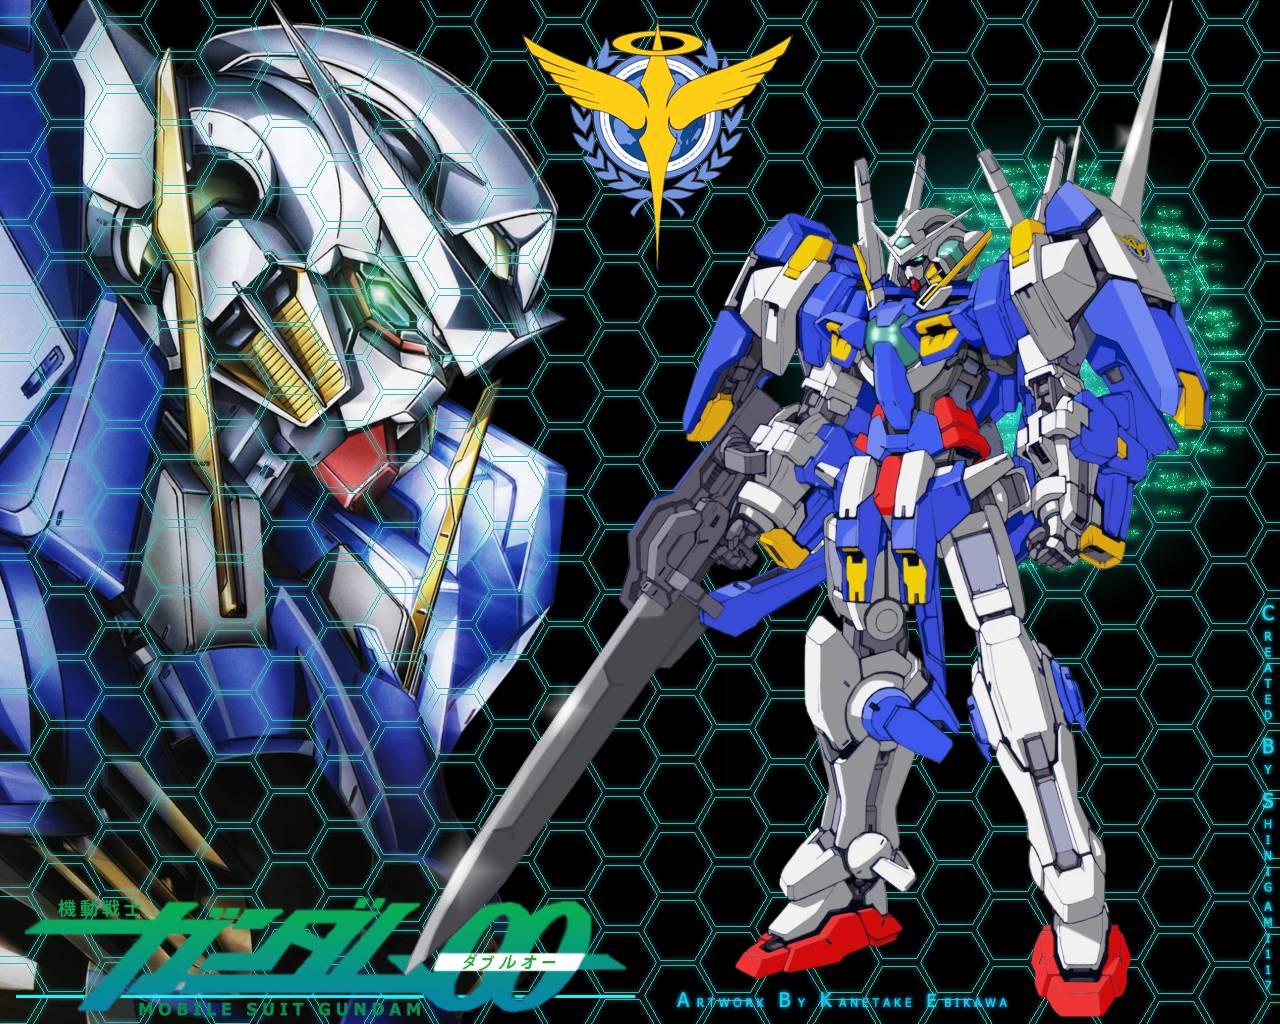 exia avalanche   Gundam 00 Wallpaper 1280x1024